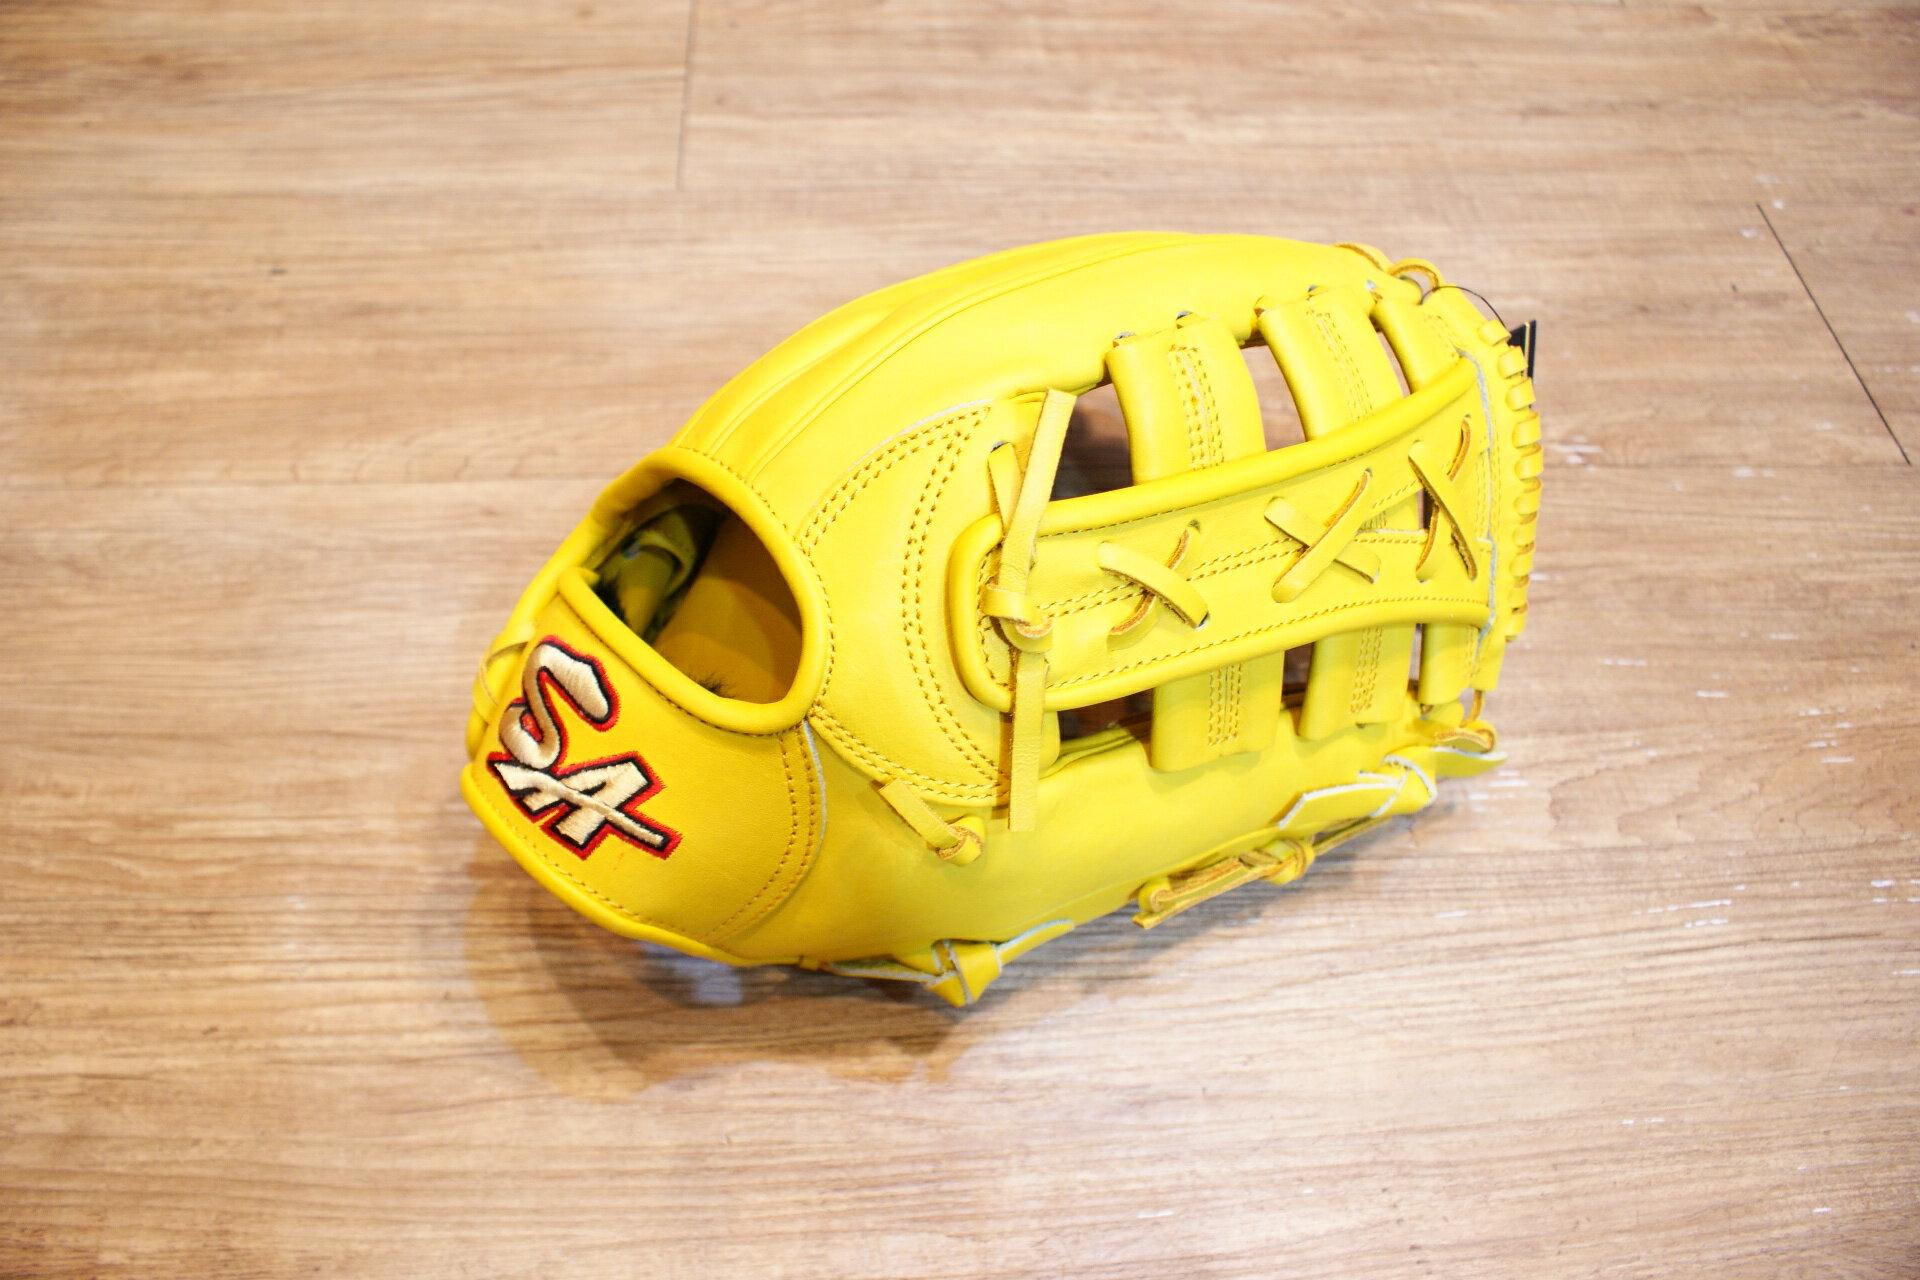 棒球世界 全新SA KIP 硬式小牛皮棒壘球手套 限量 發行 只有一個 雙十字